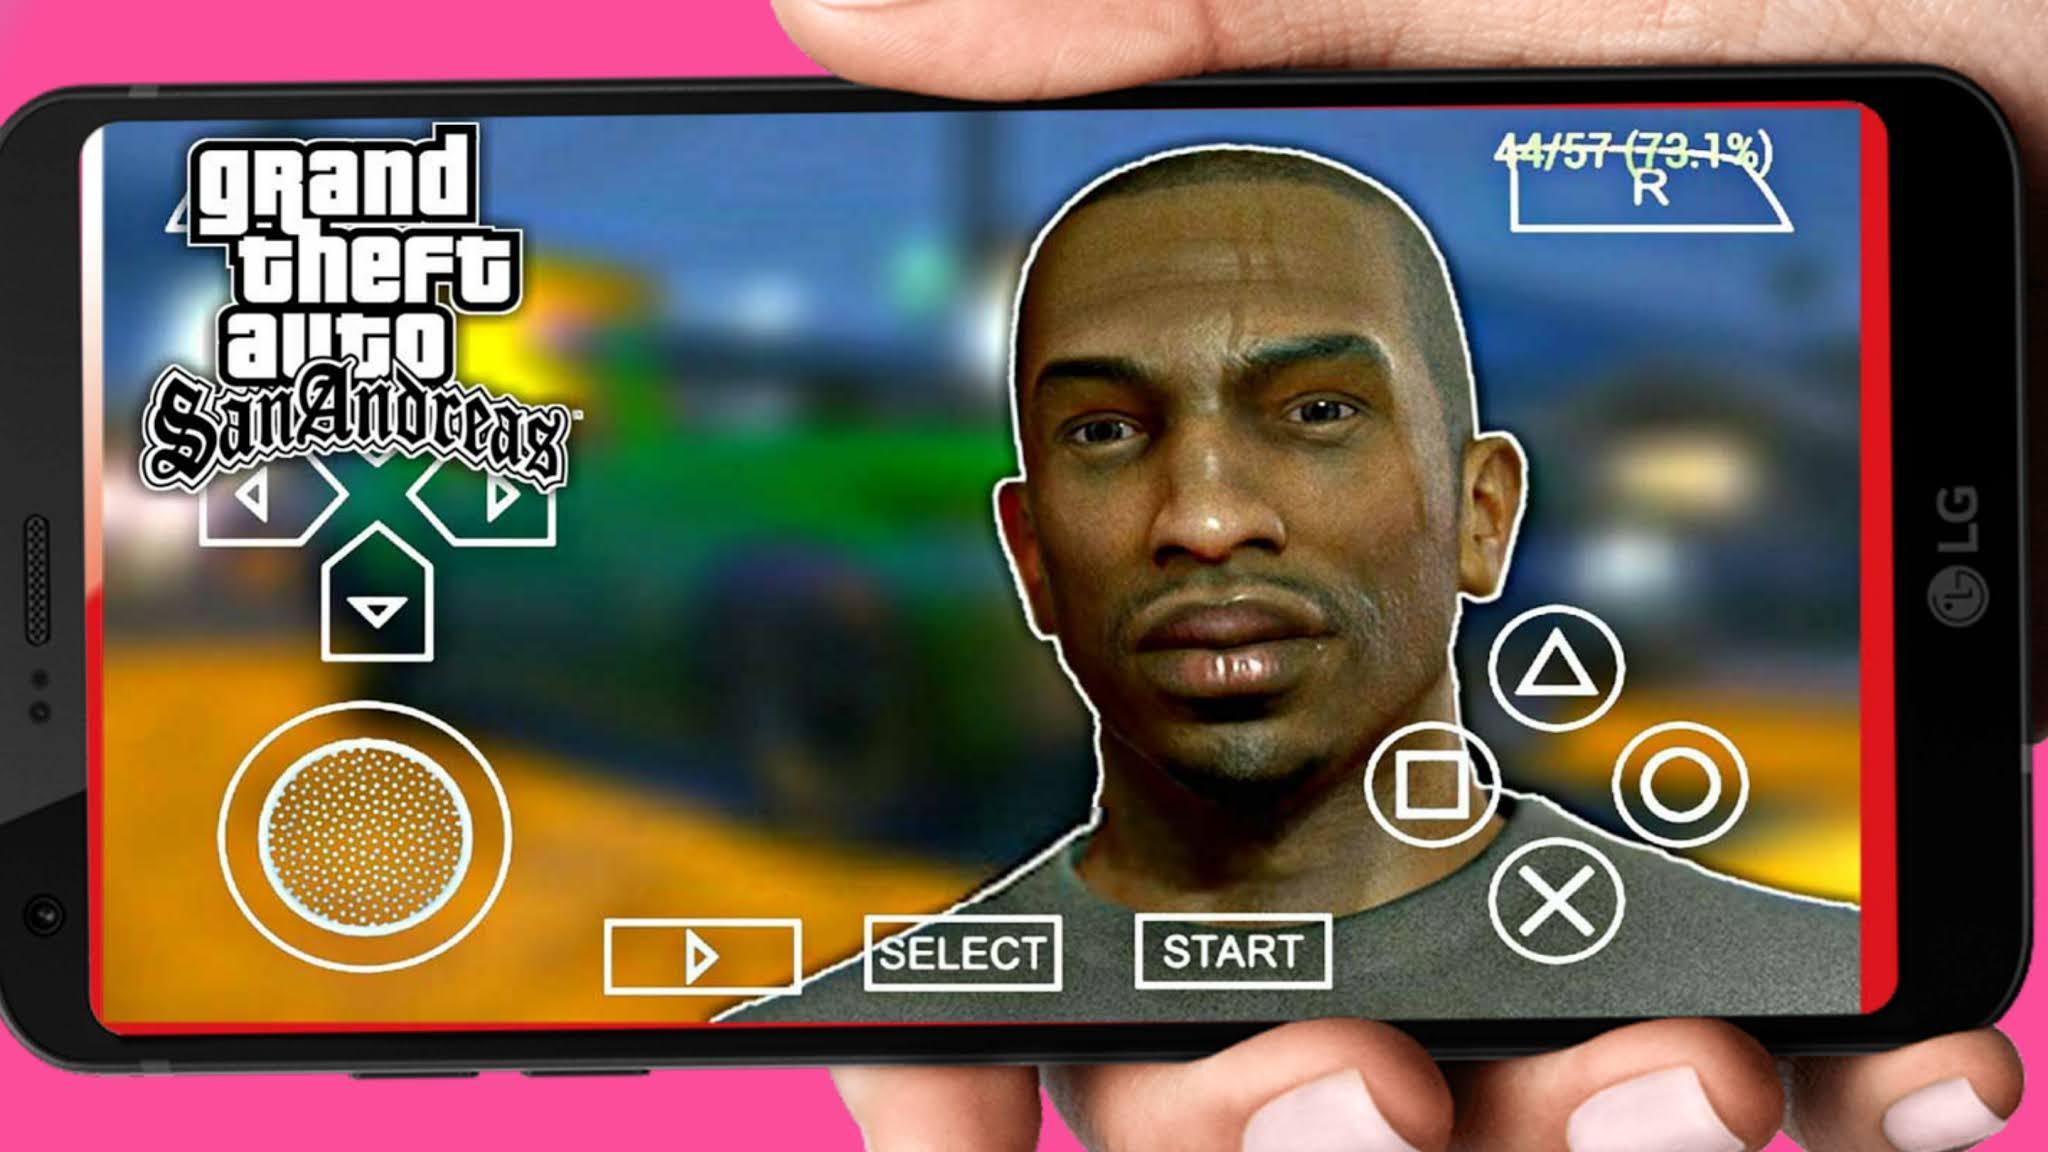 لعبة Gta San Andreas على المحاكي PPSPP للموبايل جراند